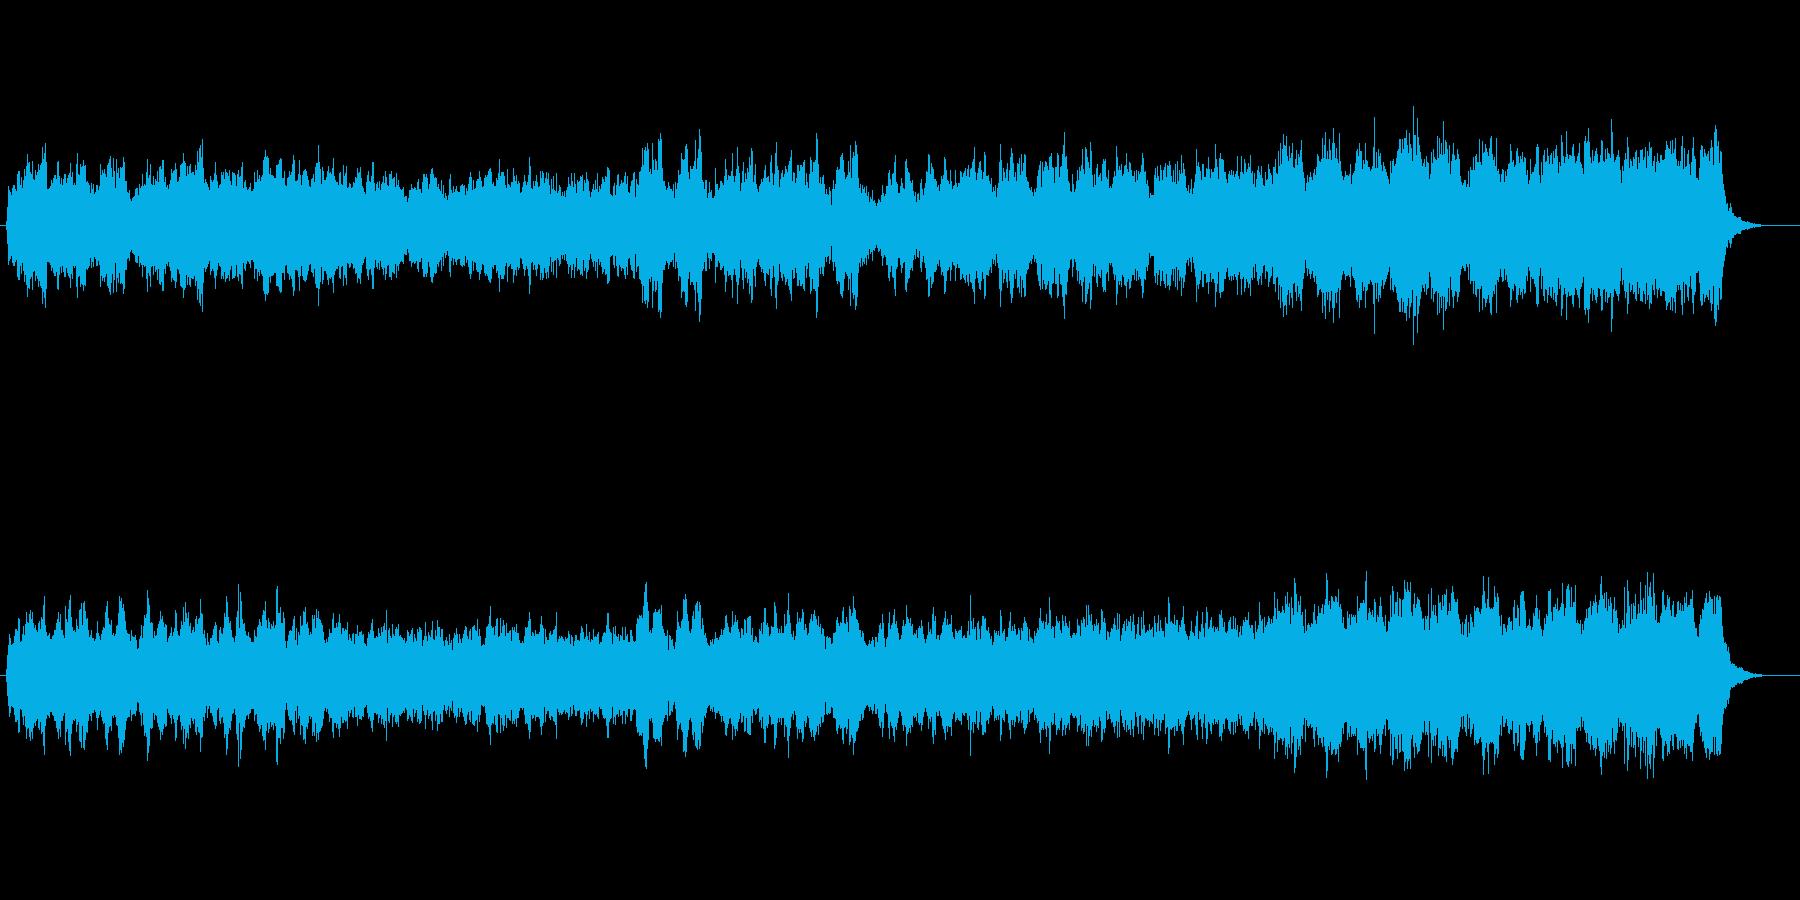 弦楽アレンジのマズルカオリジナルの再生済みの波形